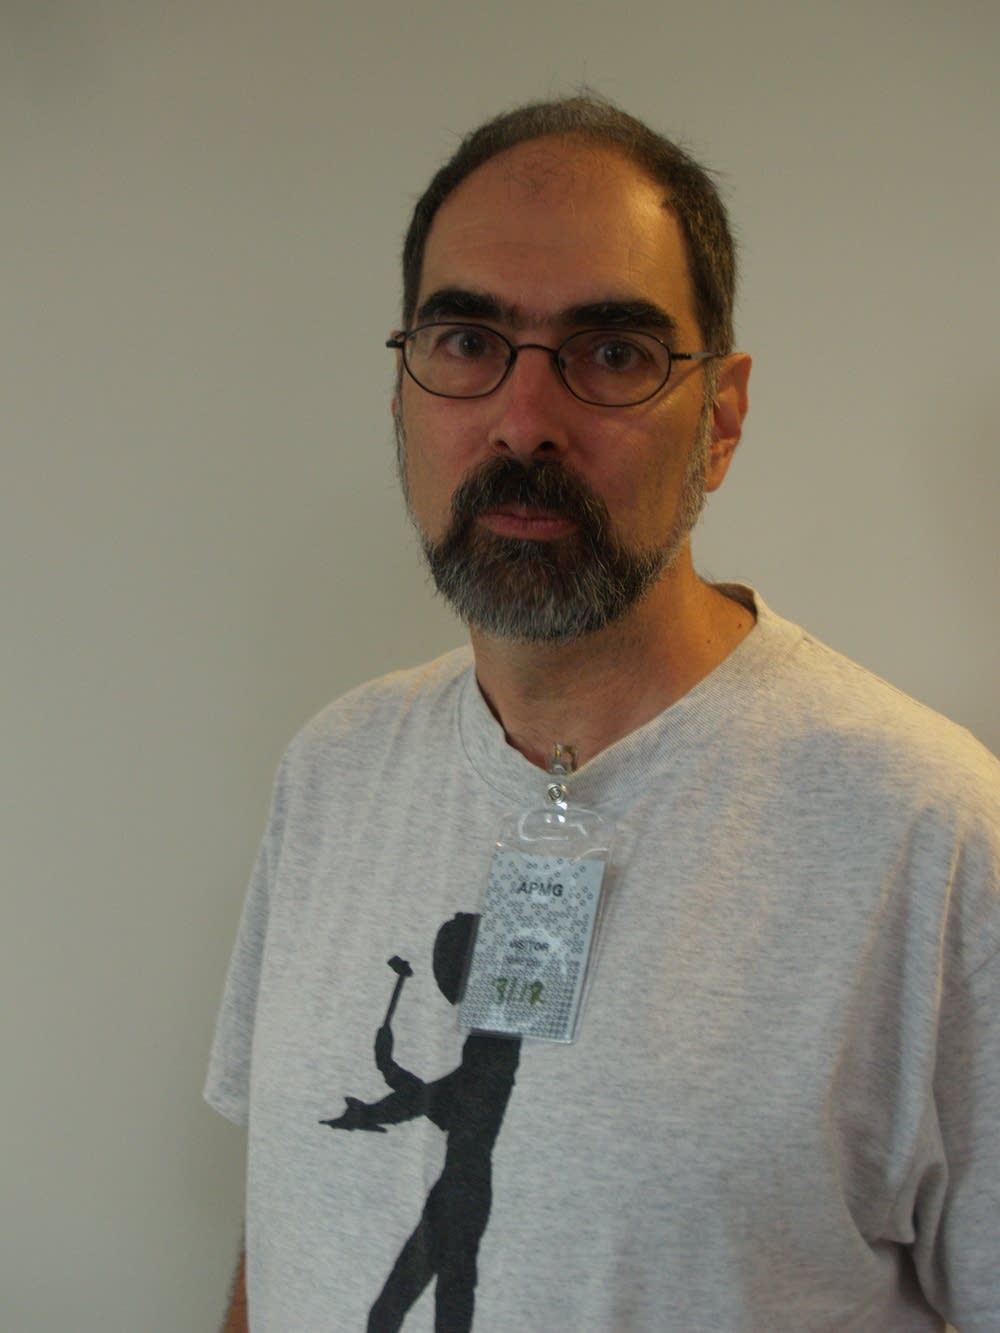 Randy Croce